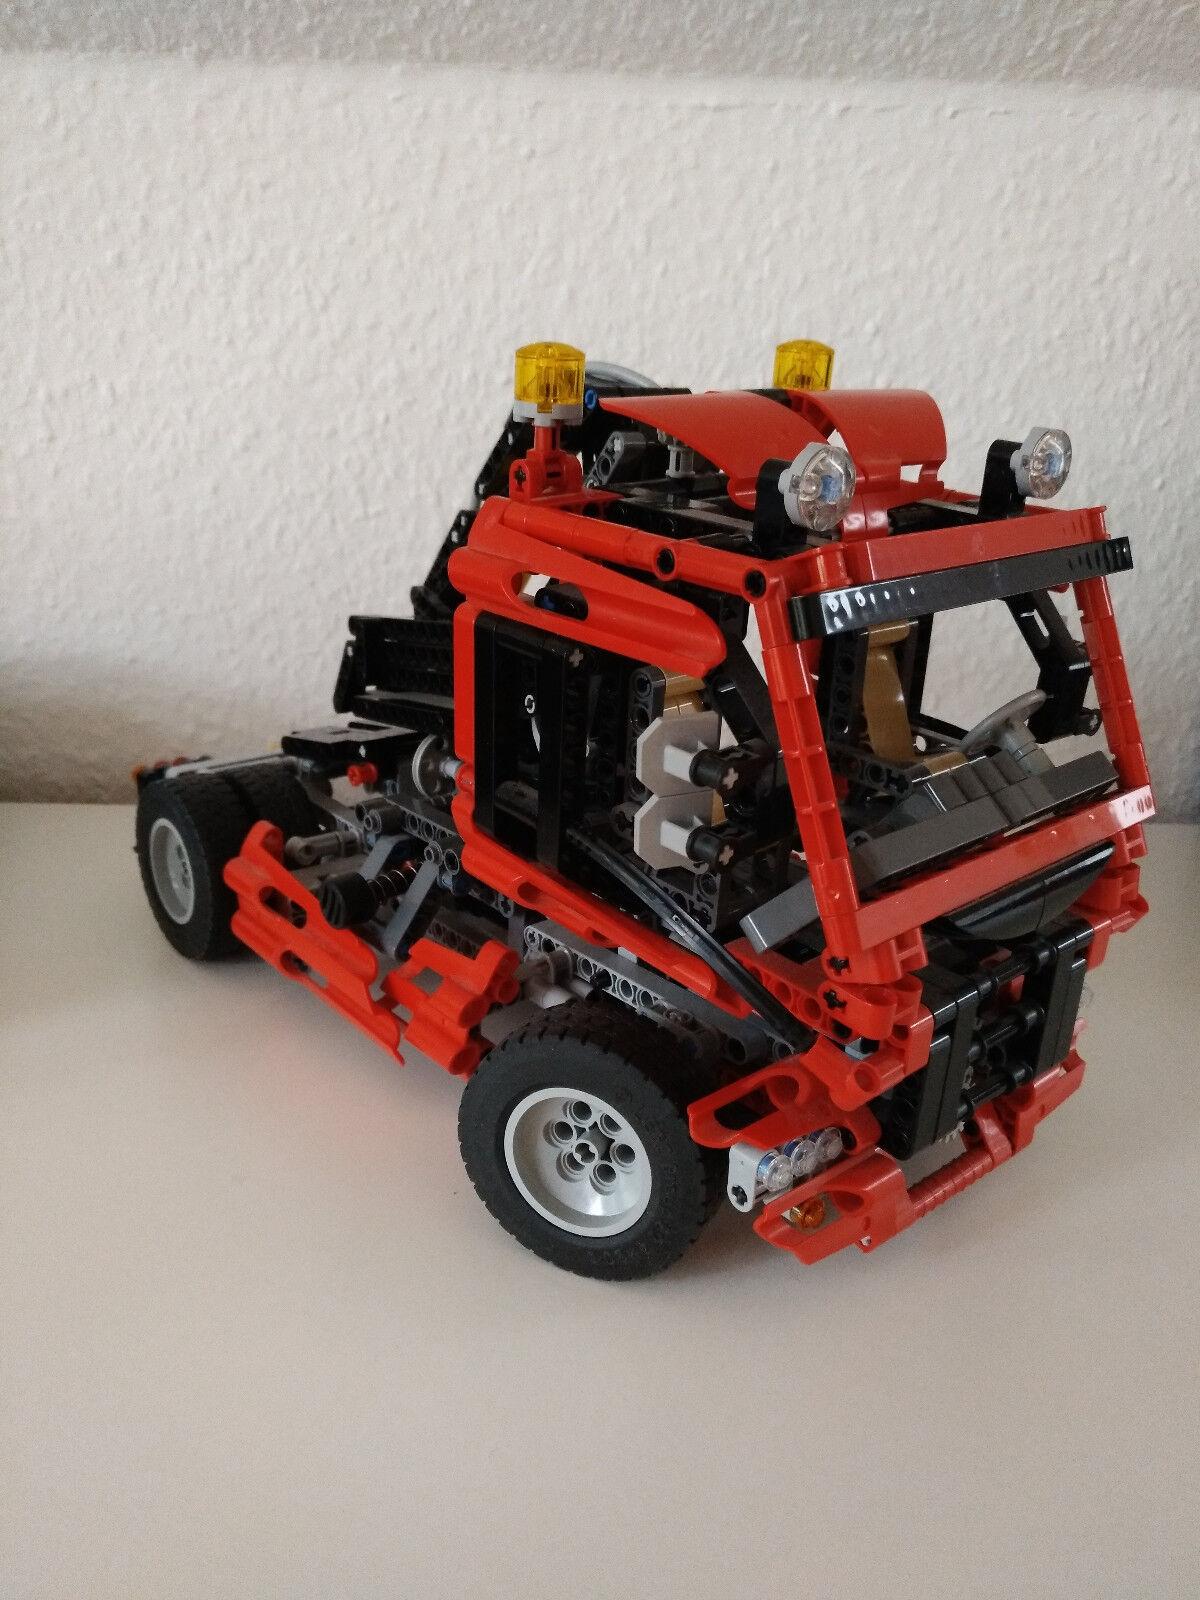 LEGO Technic mobiler Pneumatik-Kran gebraucht